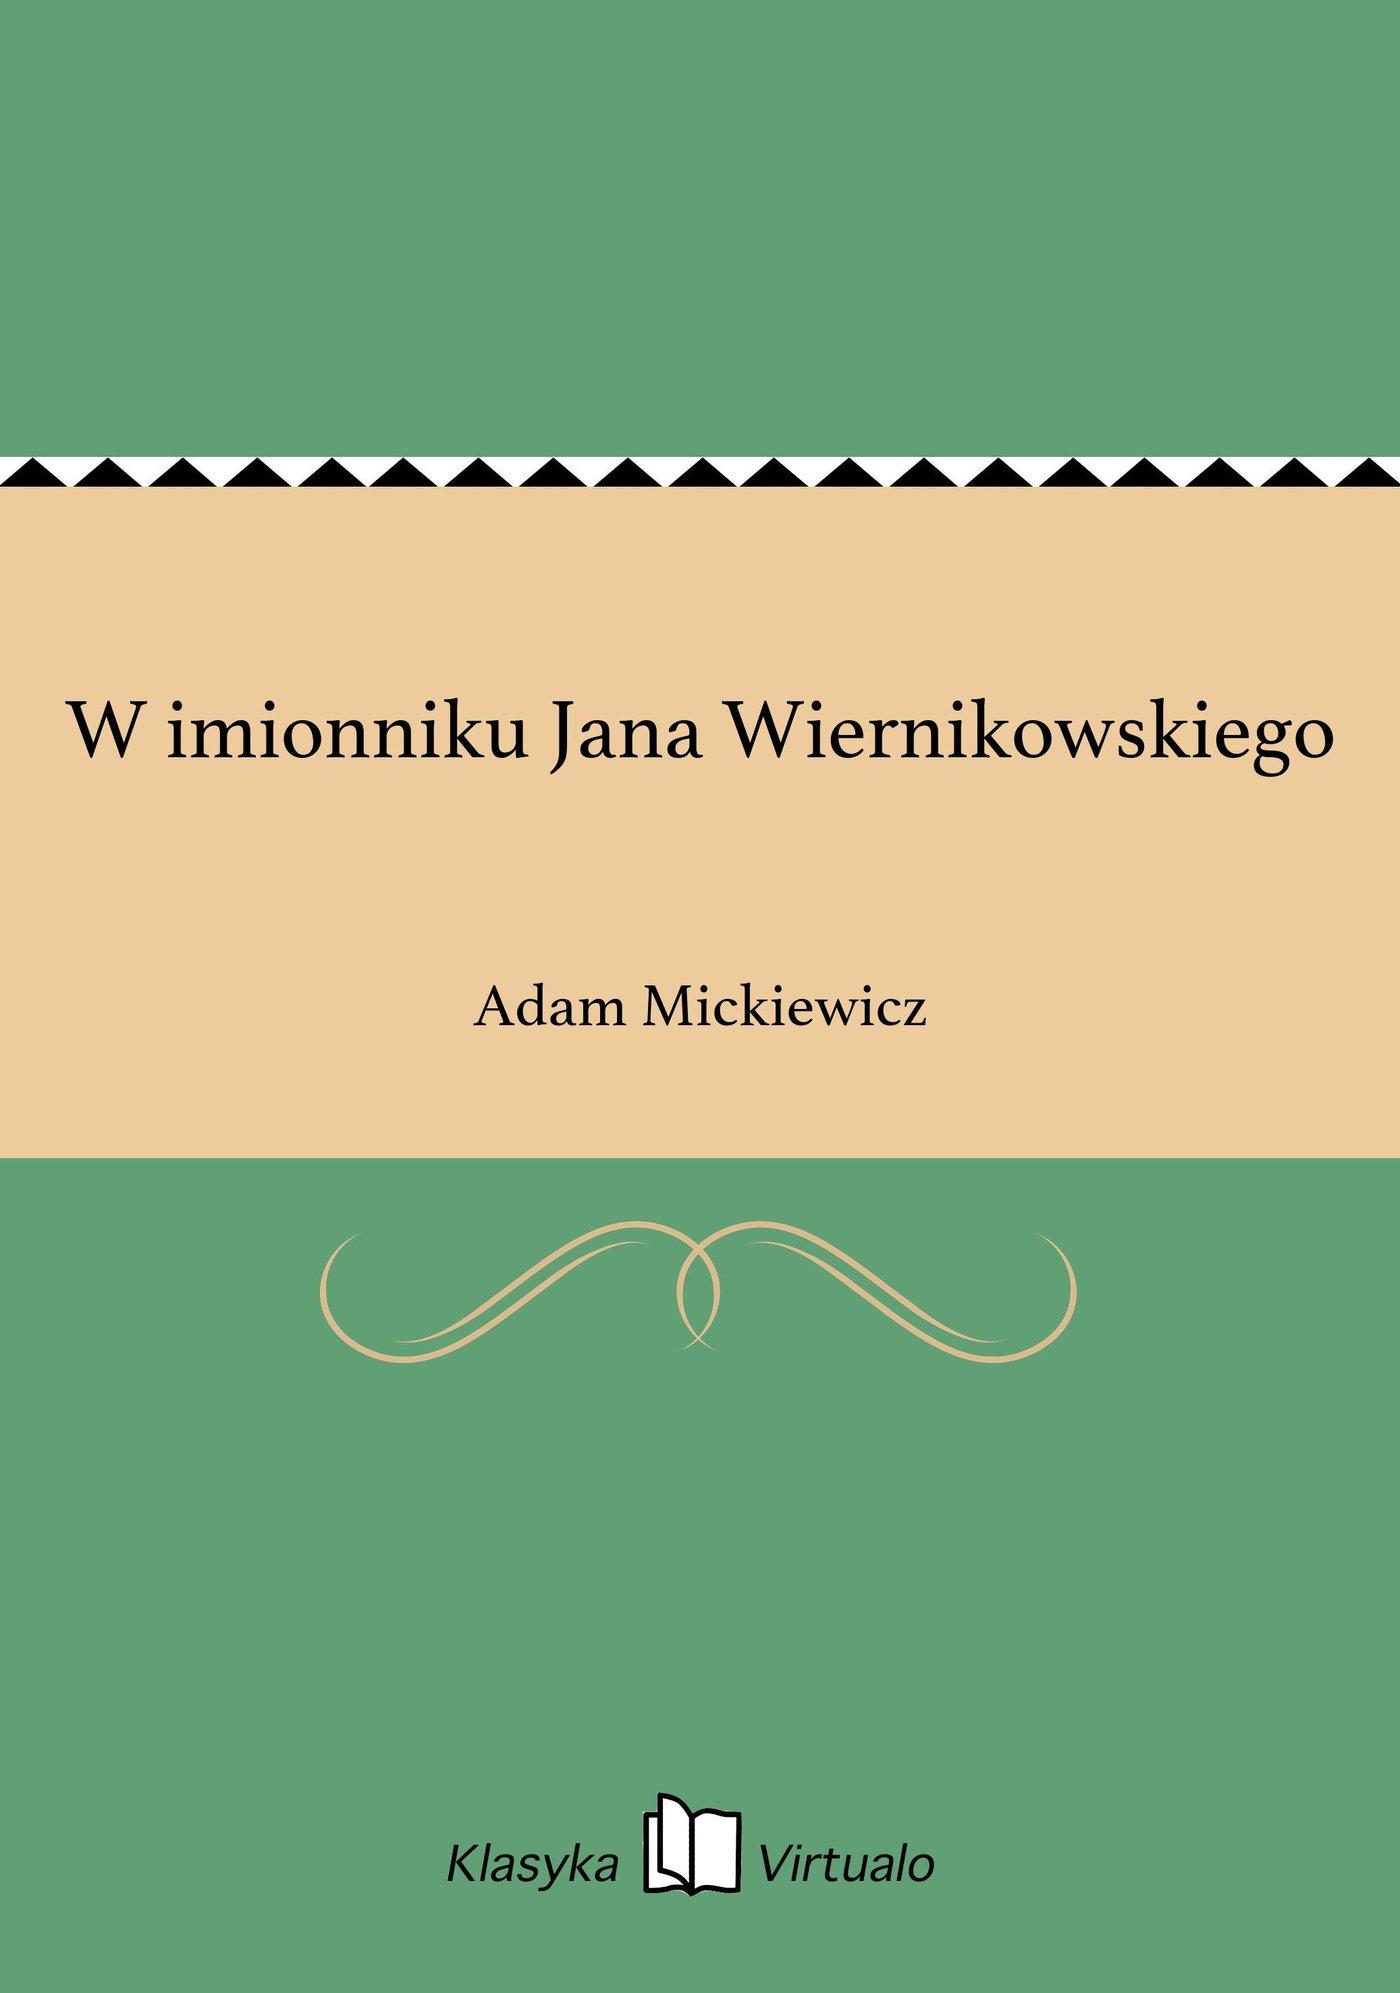 W imionniku Jana Wiernikowskiego - Ebook (Książka EPUB) do pobrania w formacie EPUB